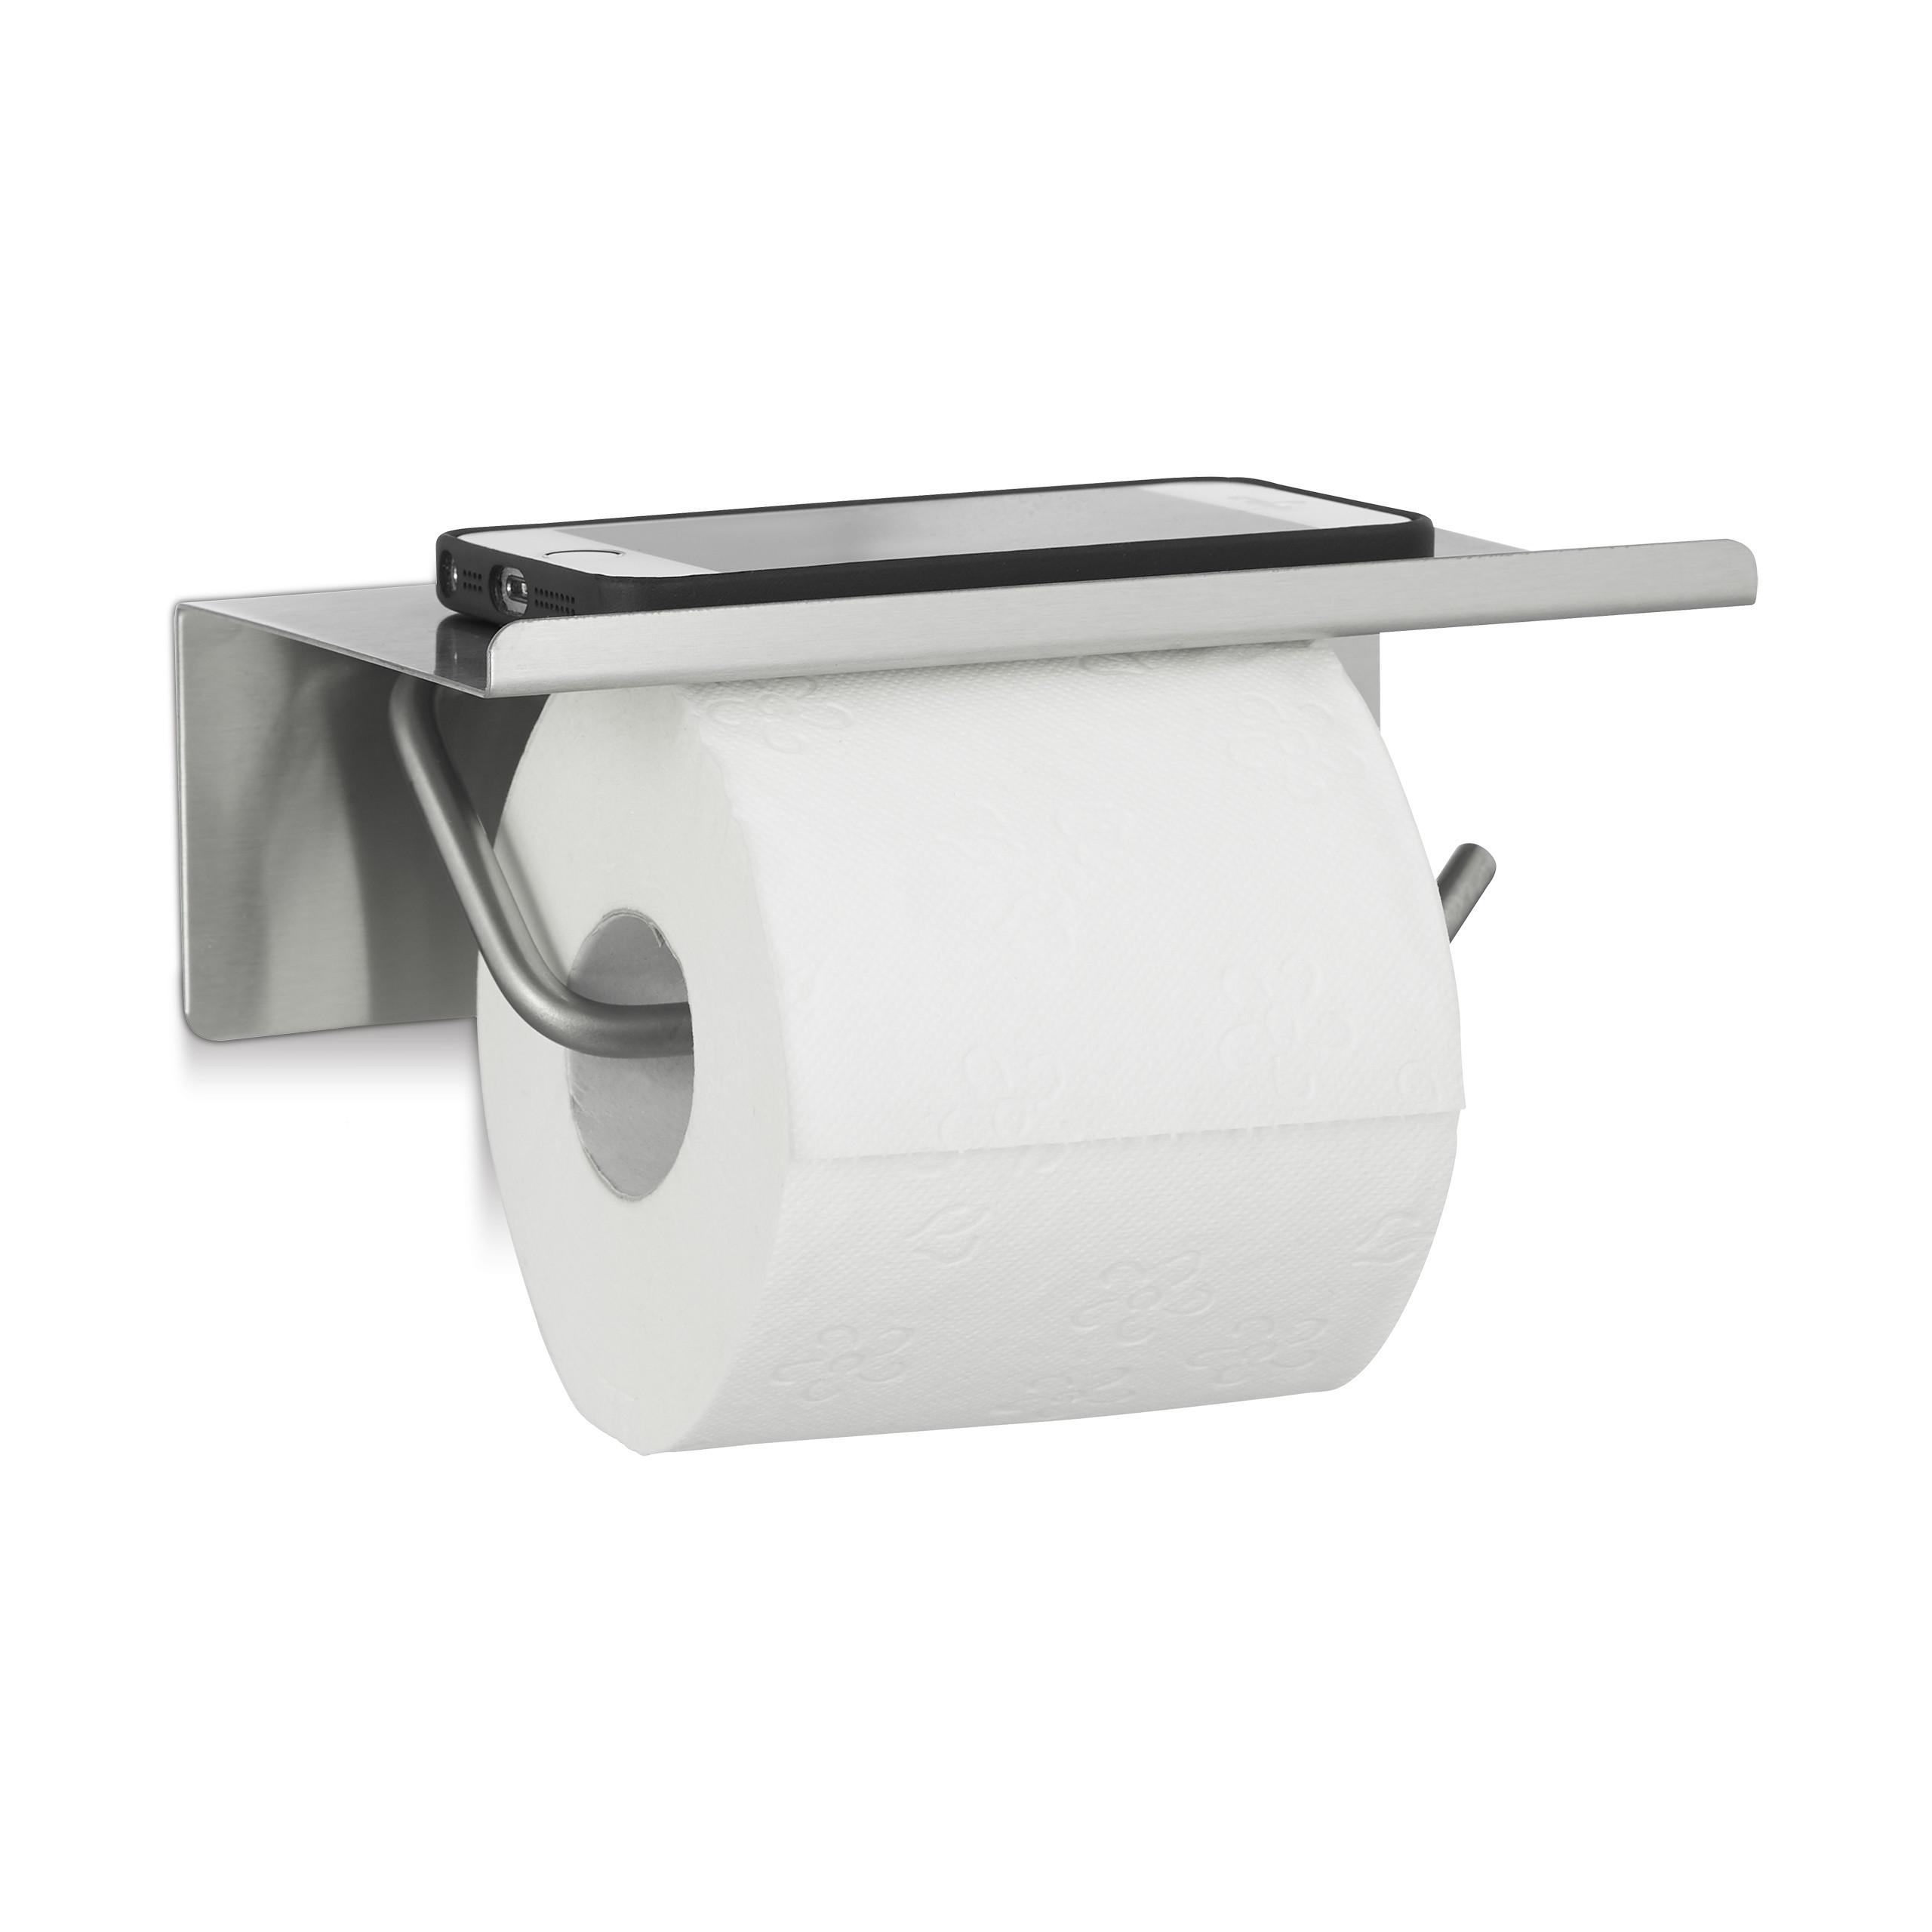 toilettenpapierhalter edelstahl klopapierhalter wand klorollenhalter mit ablage ebay. Black Bedroom Furniture Sets. Home Design Ideas